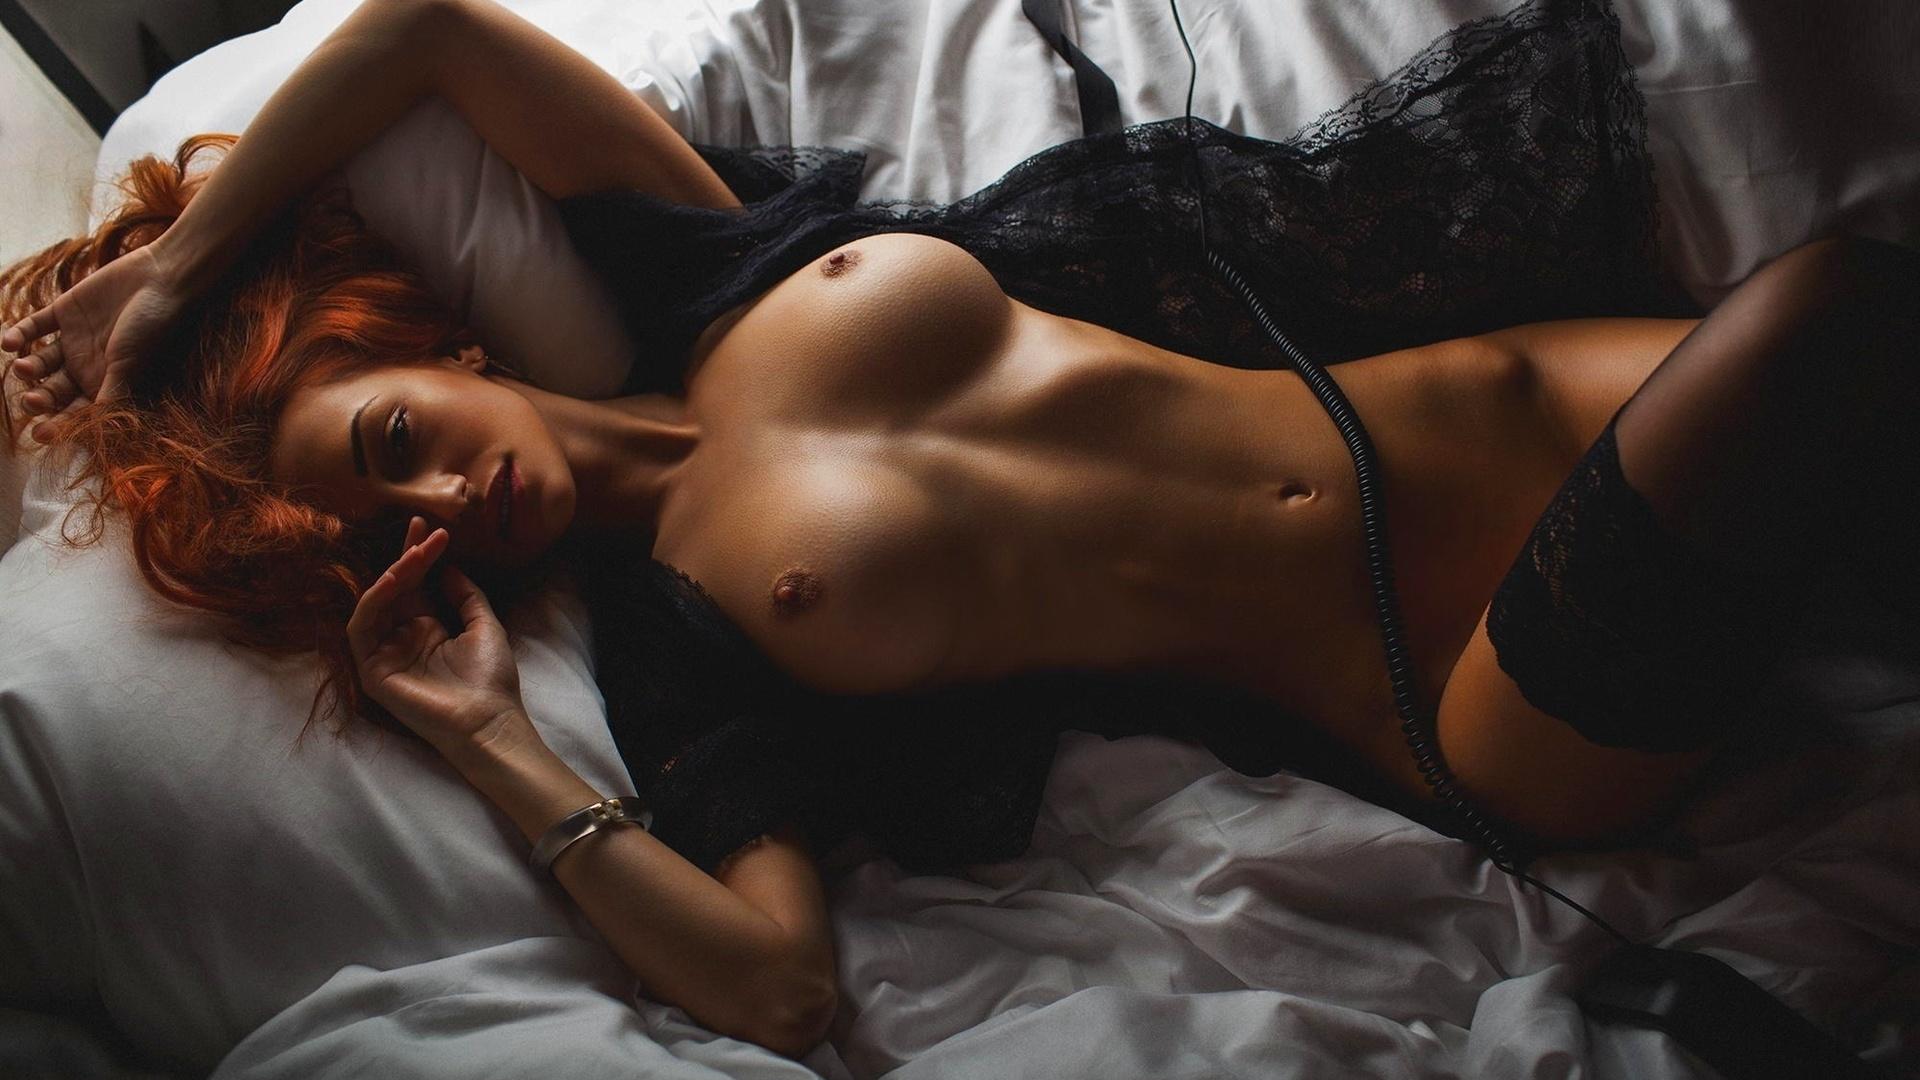 Художественное ню фото женщина в постели 8 фотография